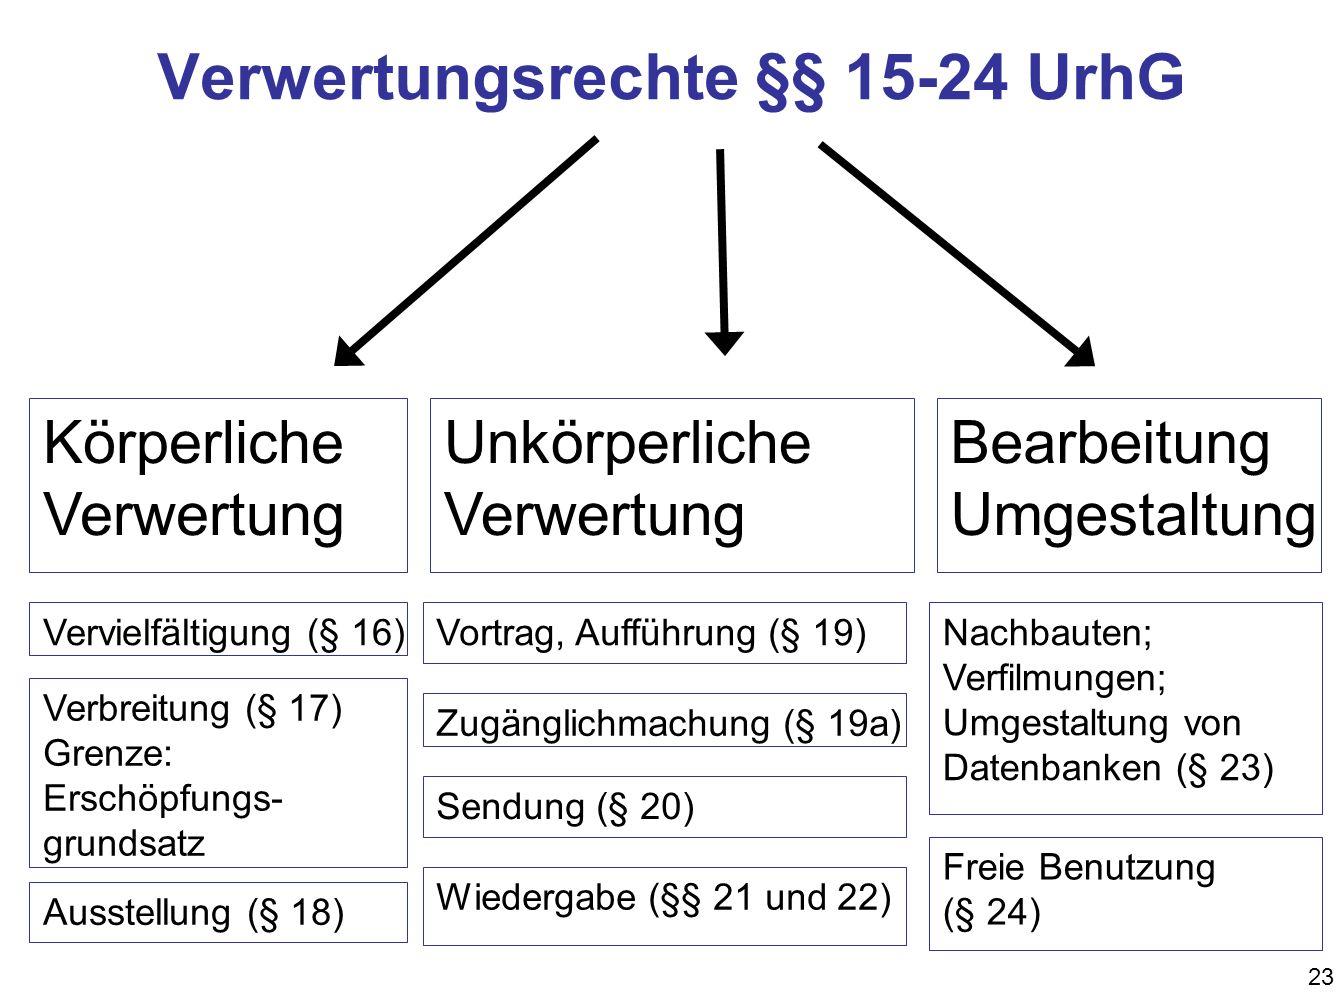 23 Verwertungsrechte §§ 15-24 UrhG Körperliche Verwertung Vervielfältigung (§ 16) Verbreitung (§ 17) Grenze: Erschöpfungs- grundsatz Ausstellung (§ 18